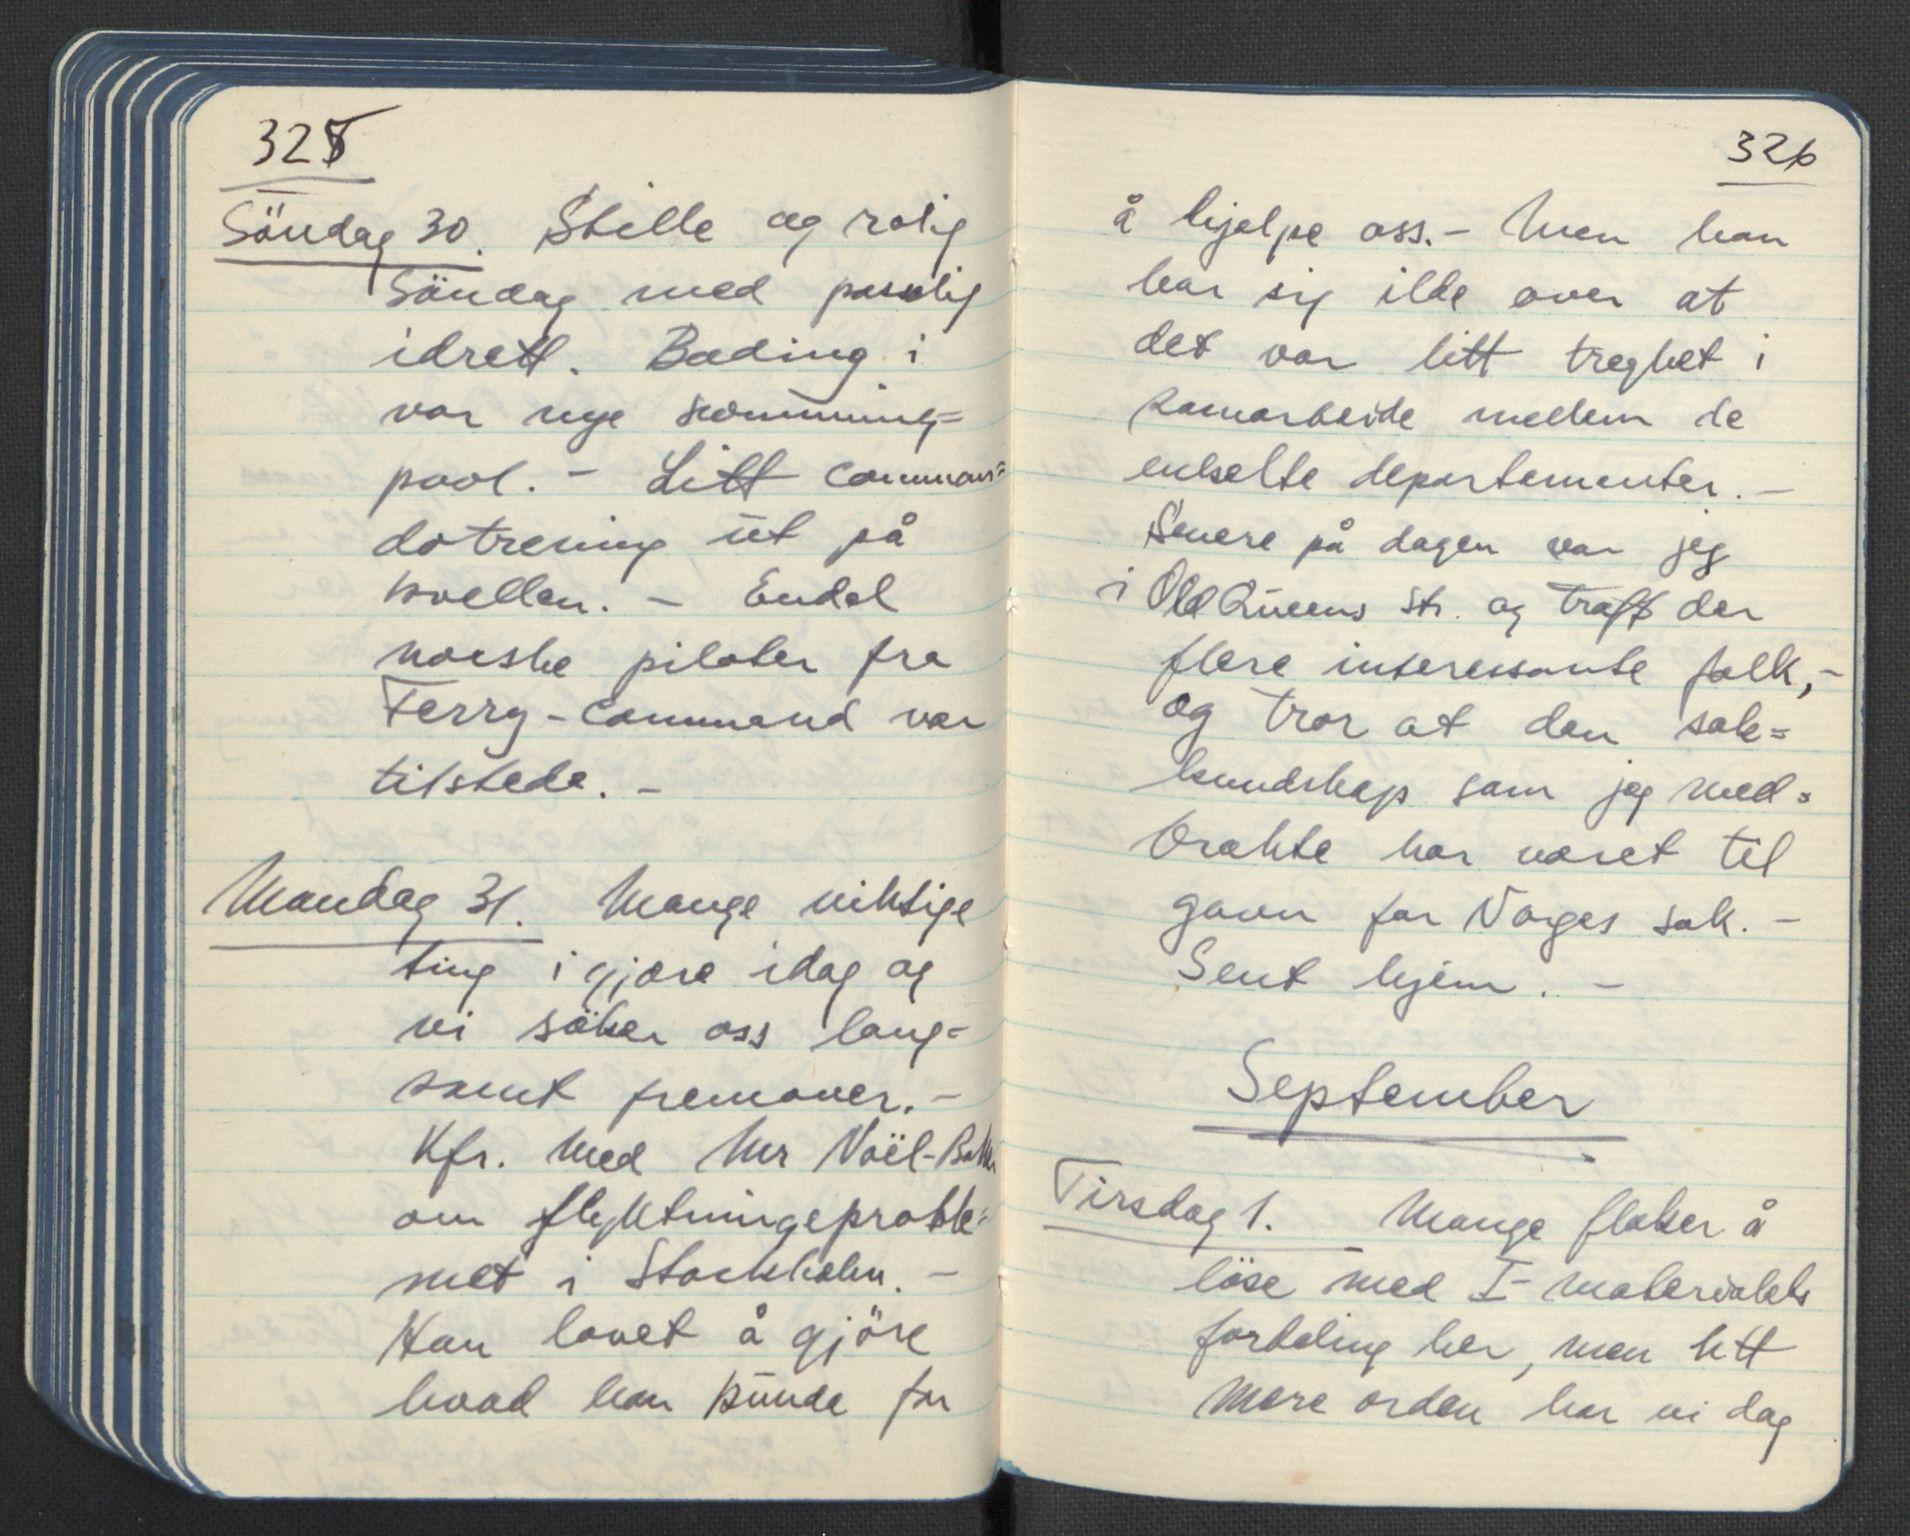 RA, Tronstad, Leif, F/L0001: Dagbøker, 1941-1945, p. 247